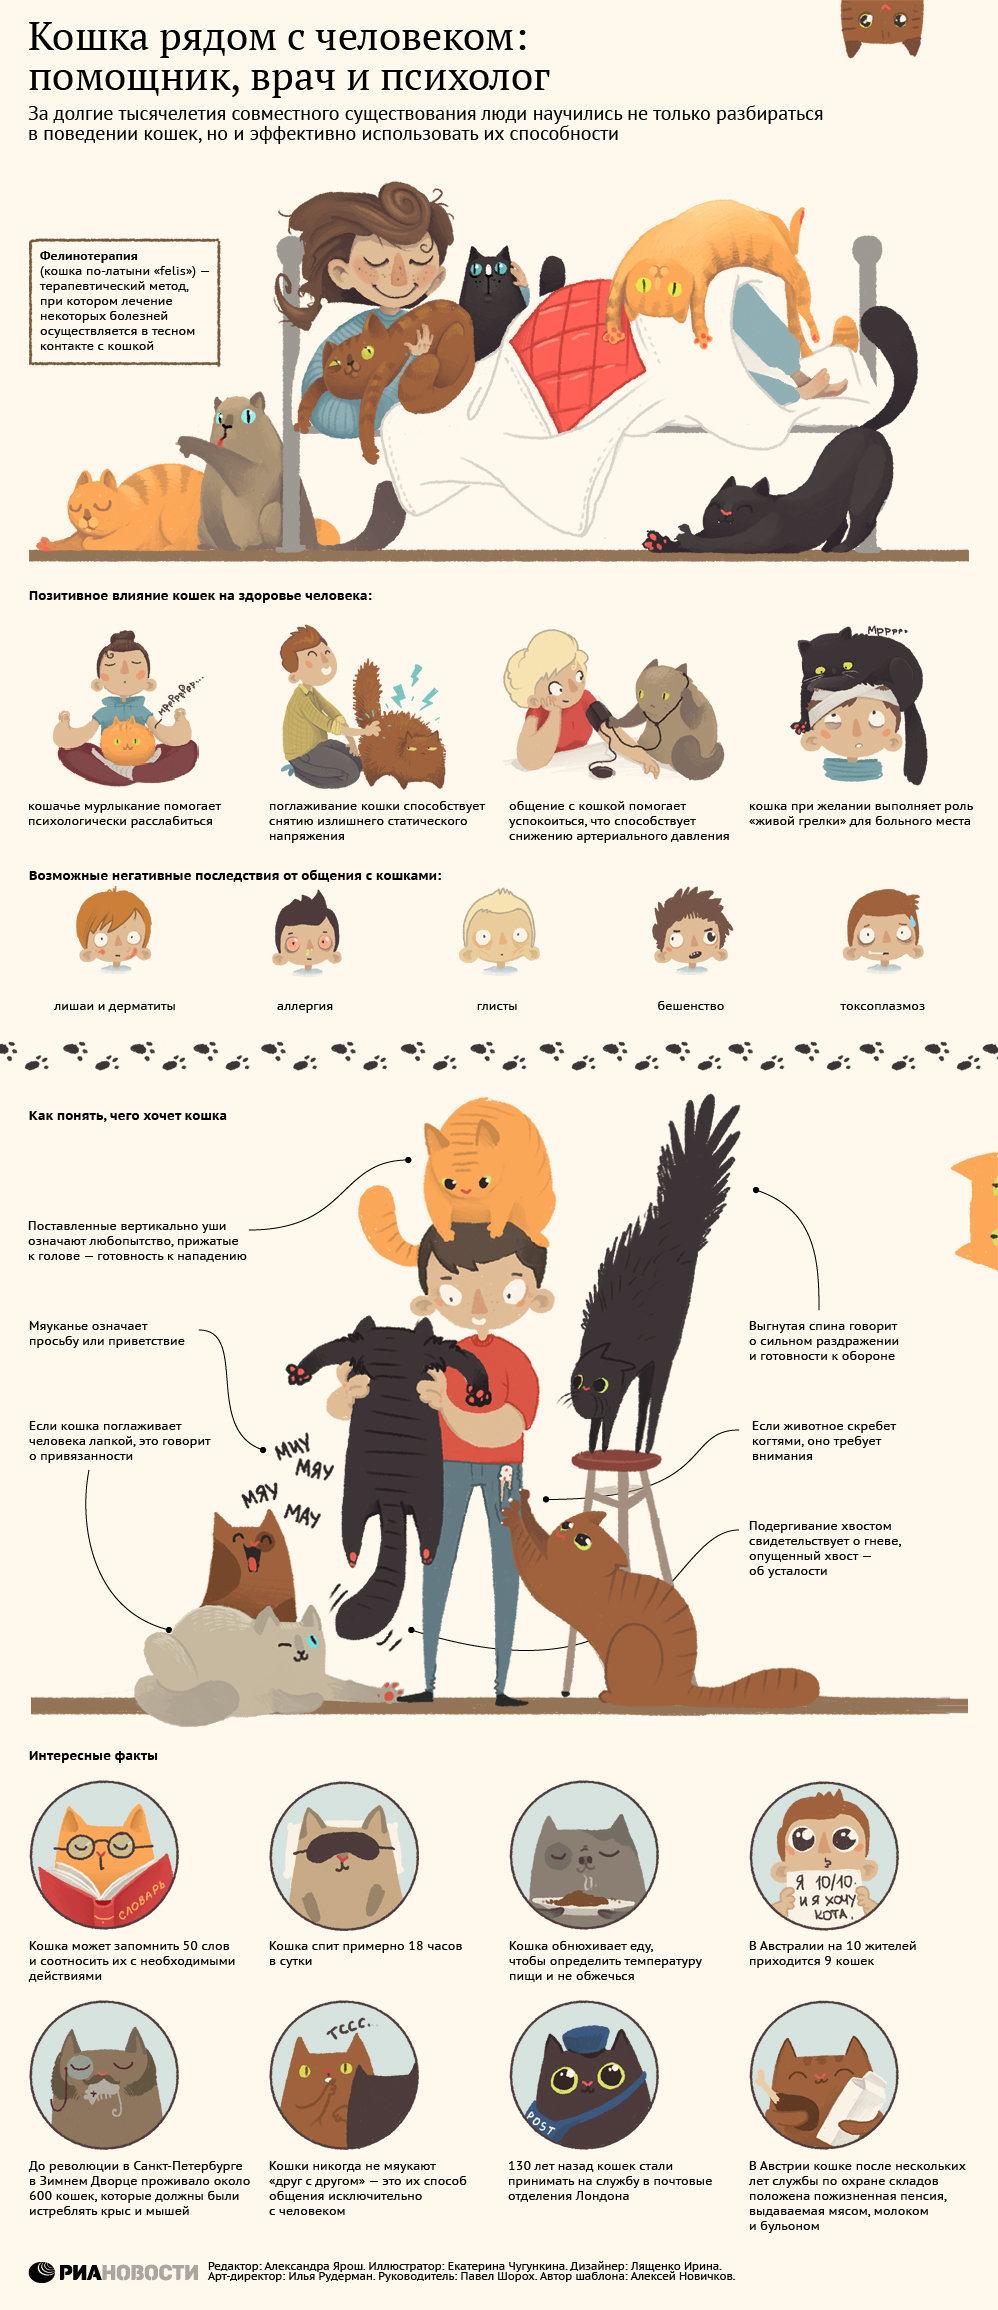 Фелинотерапия и другие прелести общения с кошками